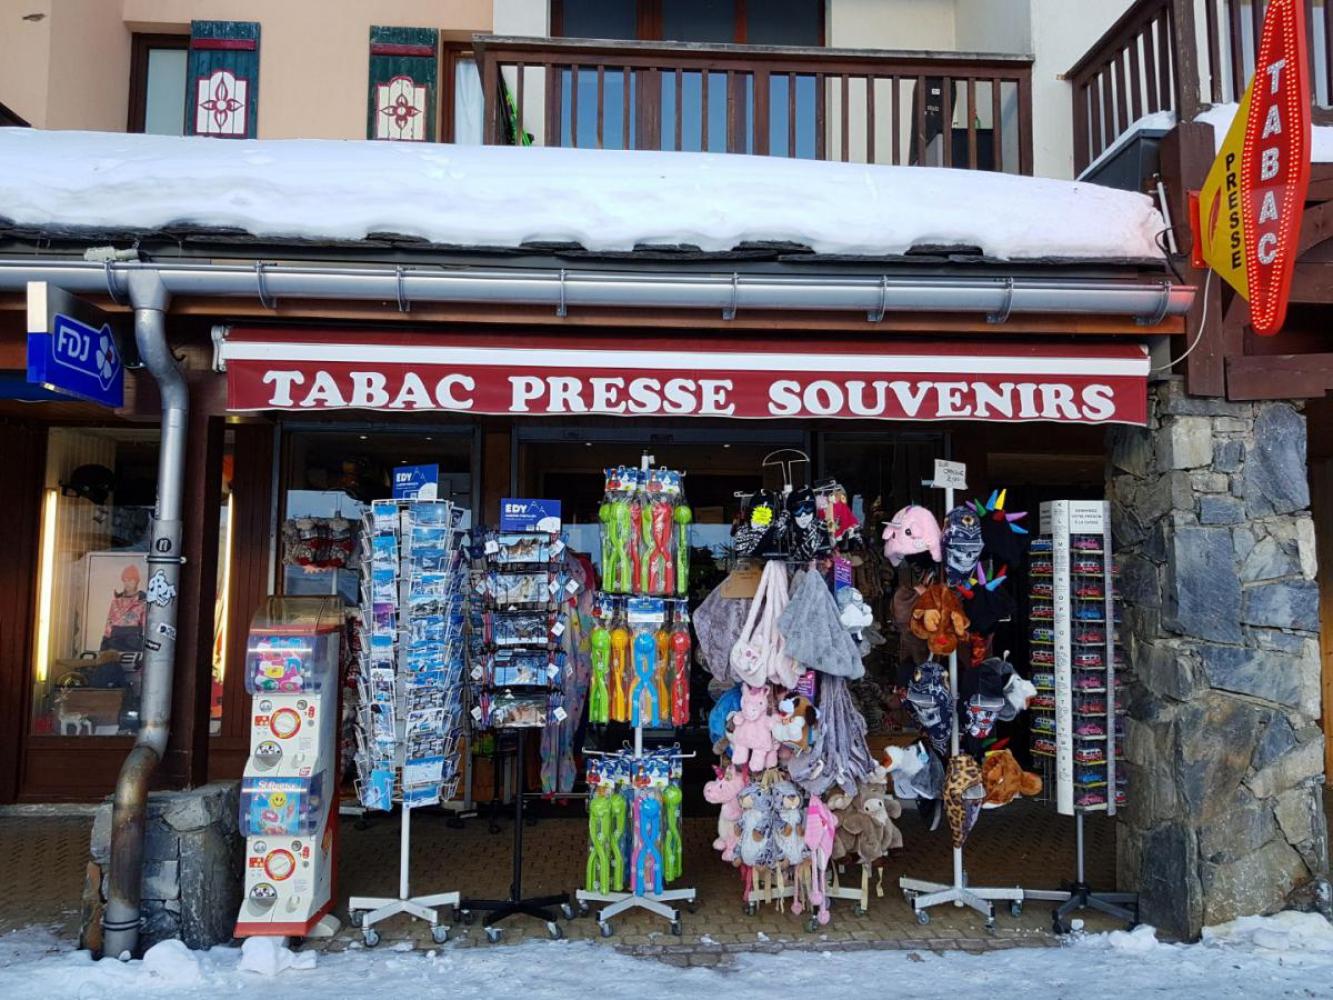 TABAC PRESSE DU ROND POINT DES PISTES